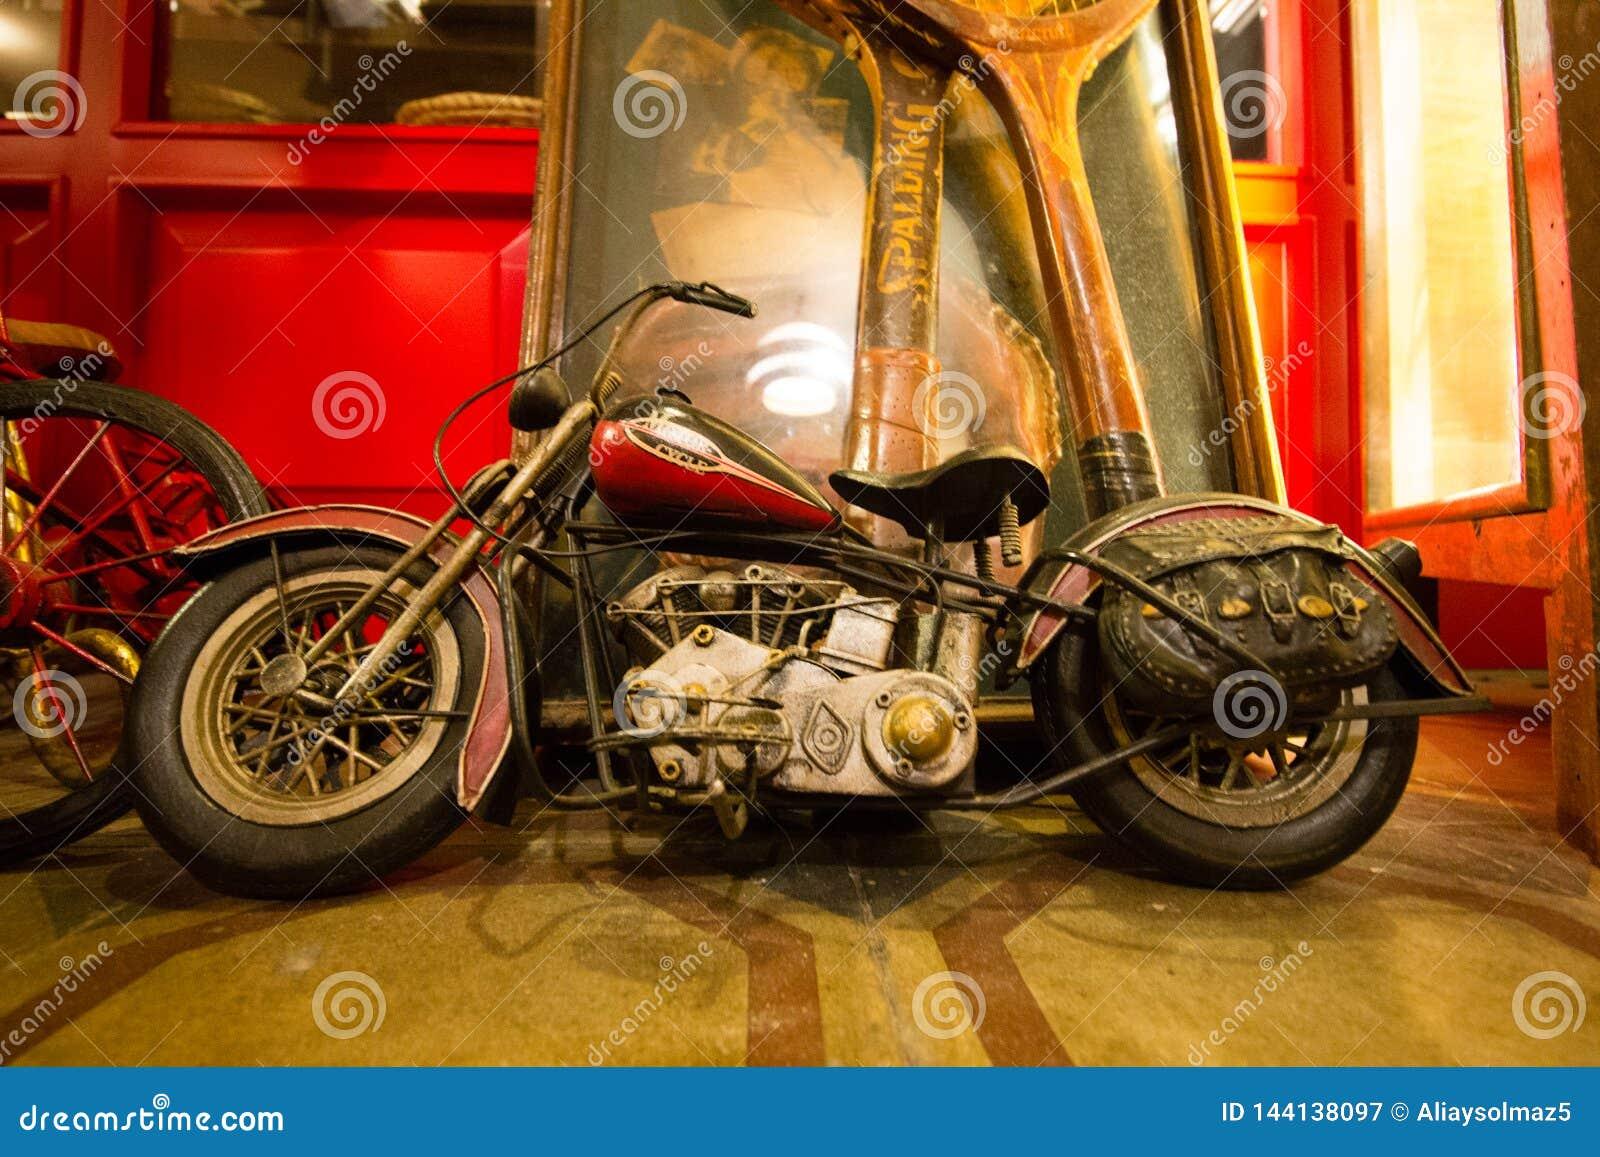 Figura antica del motociclo, Toy Collection anziano